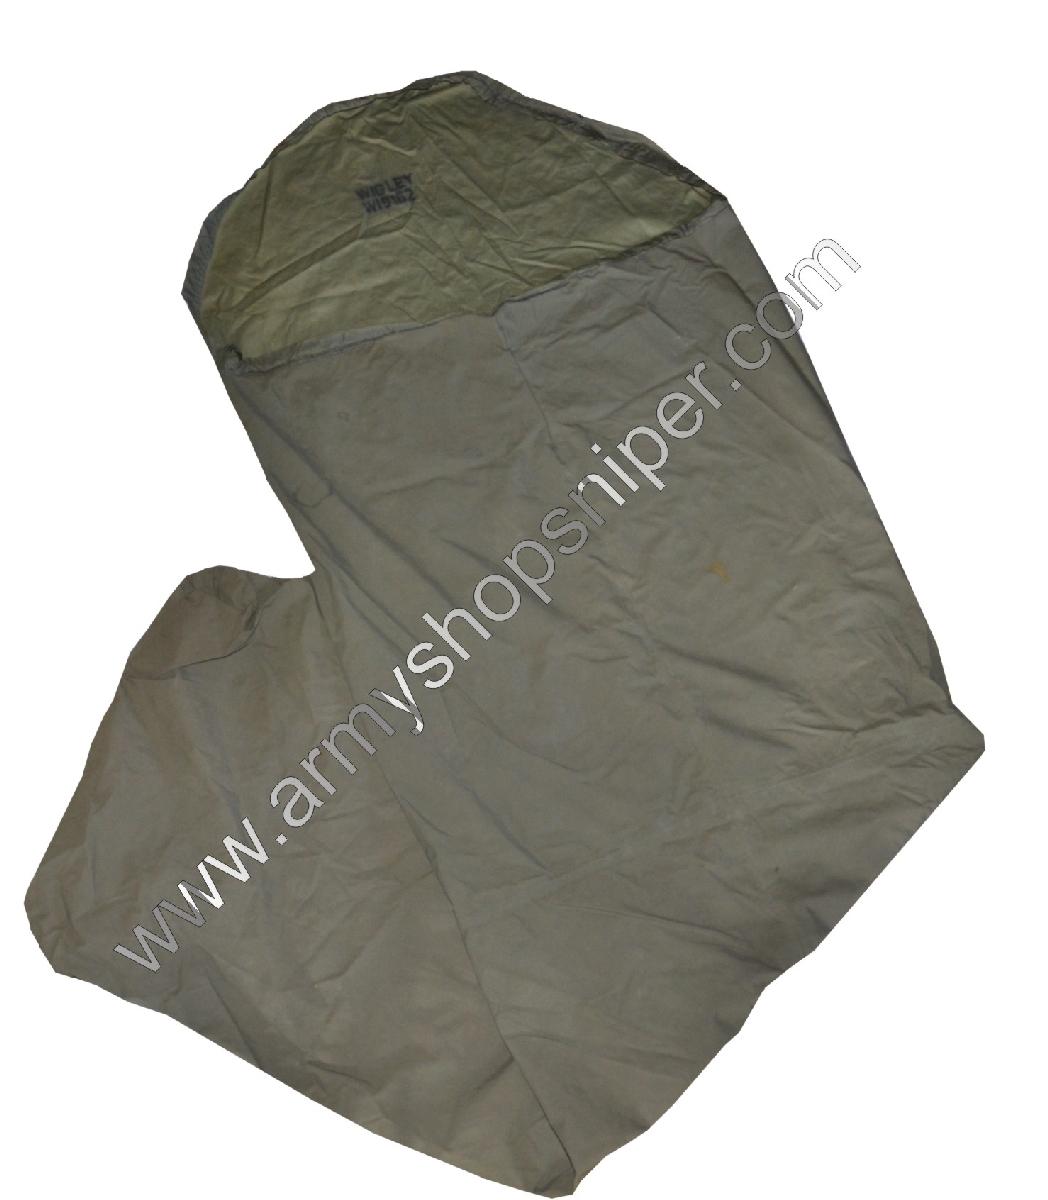 Povlak na spacák GoreTex